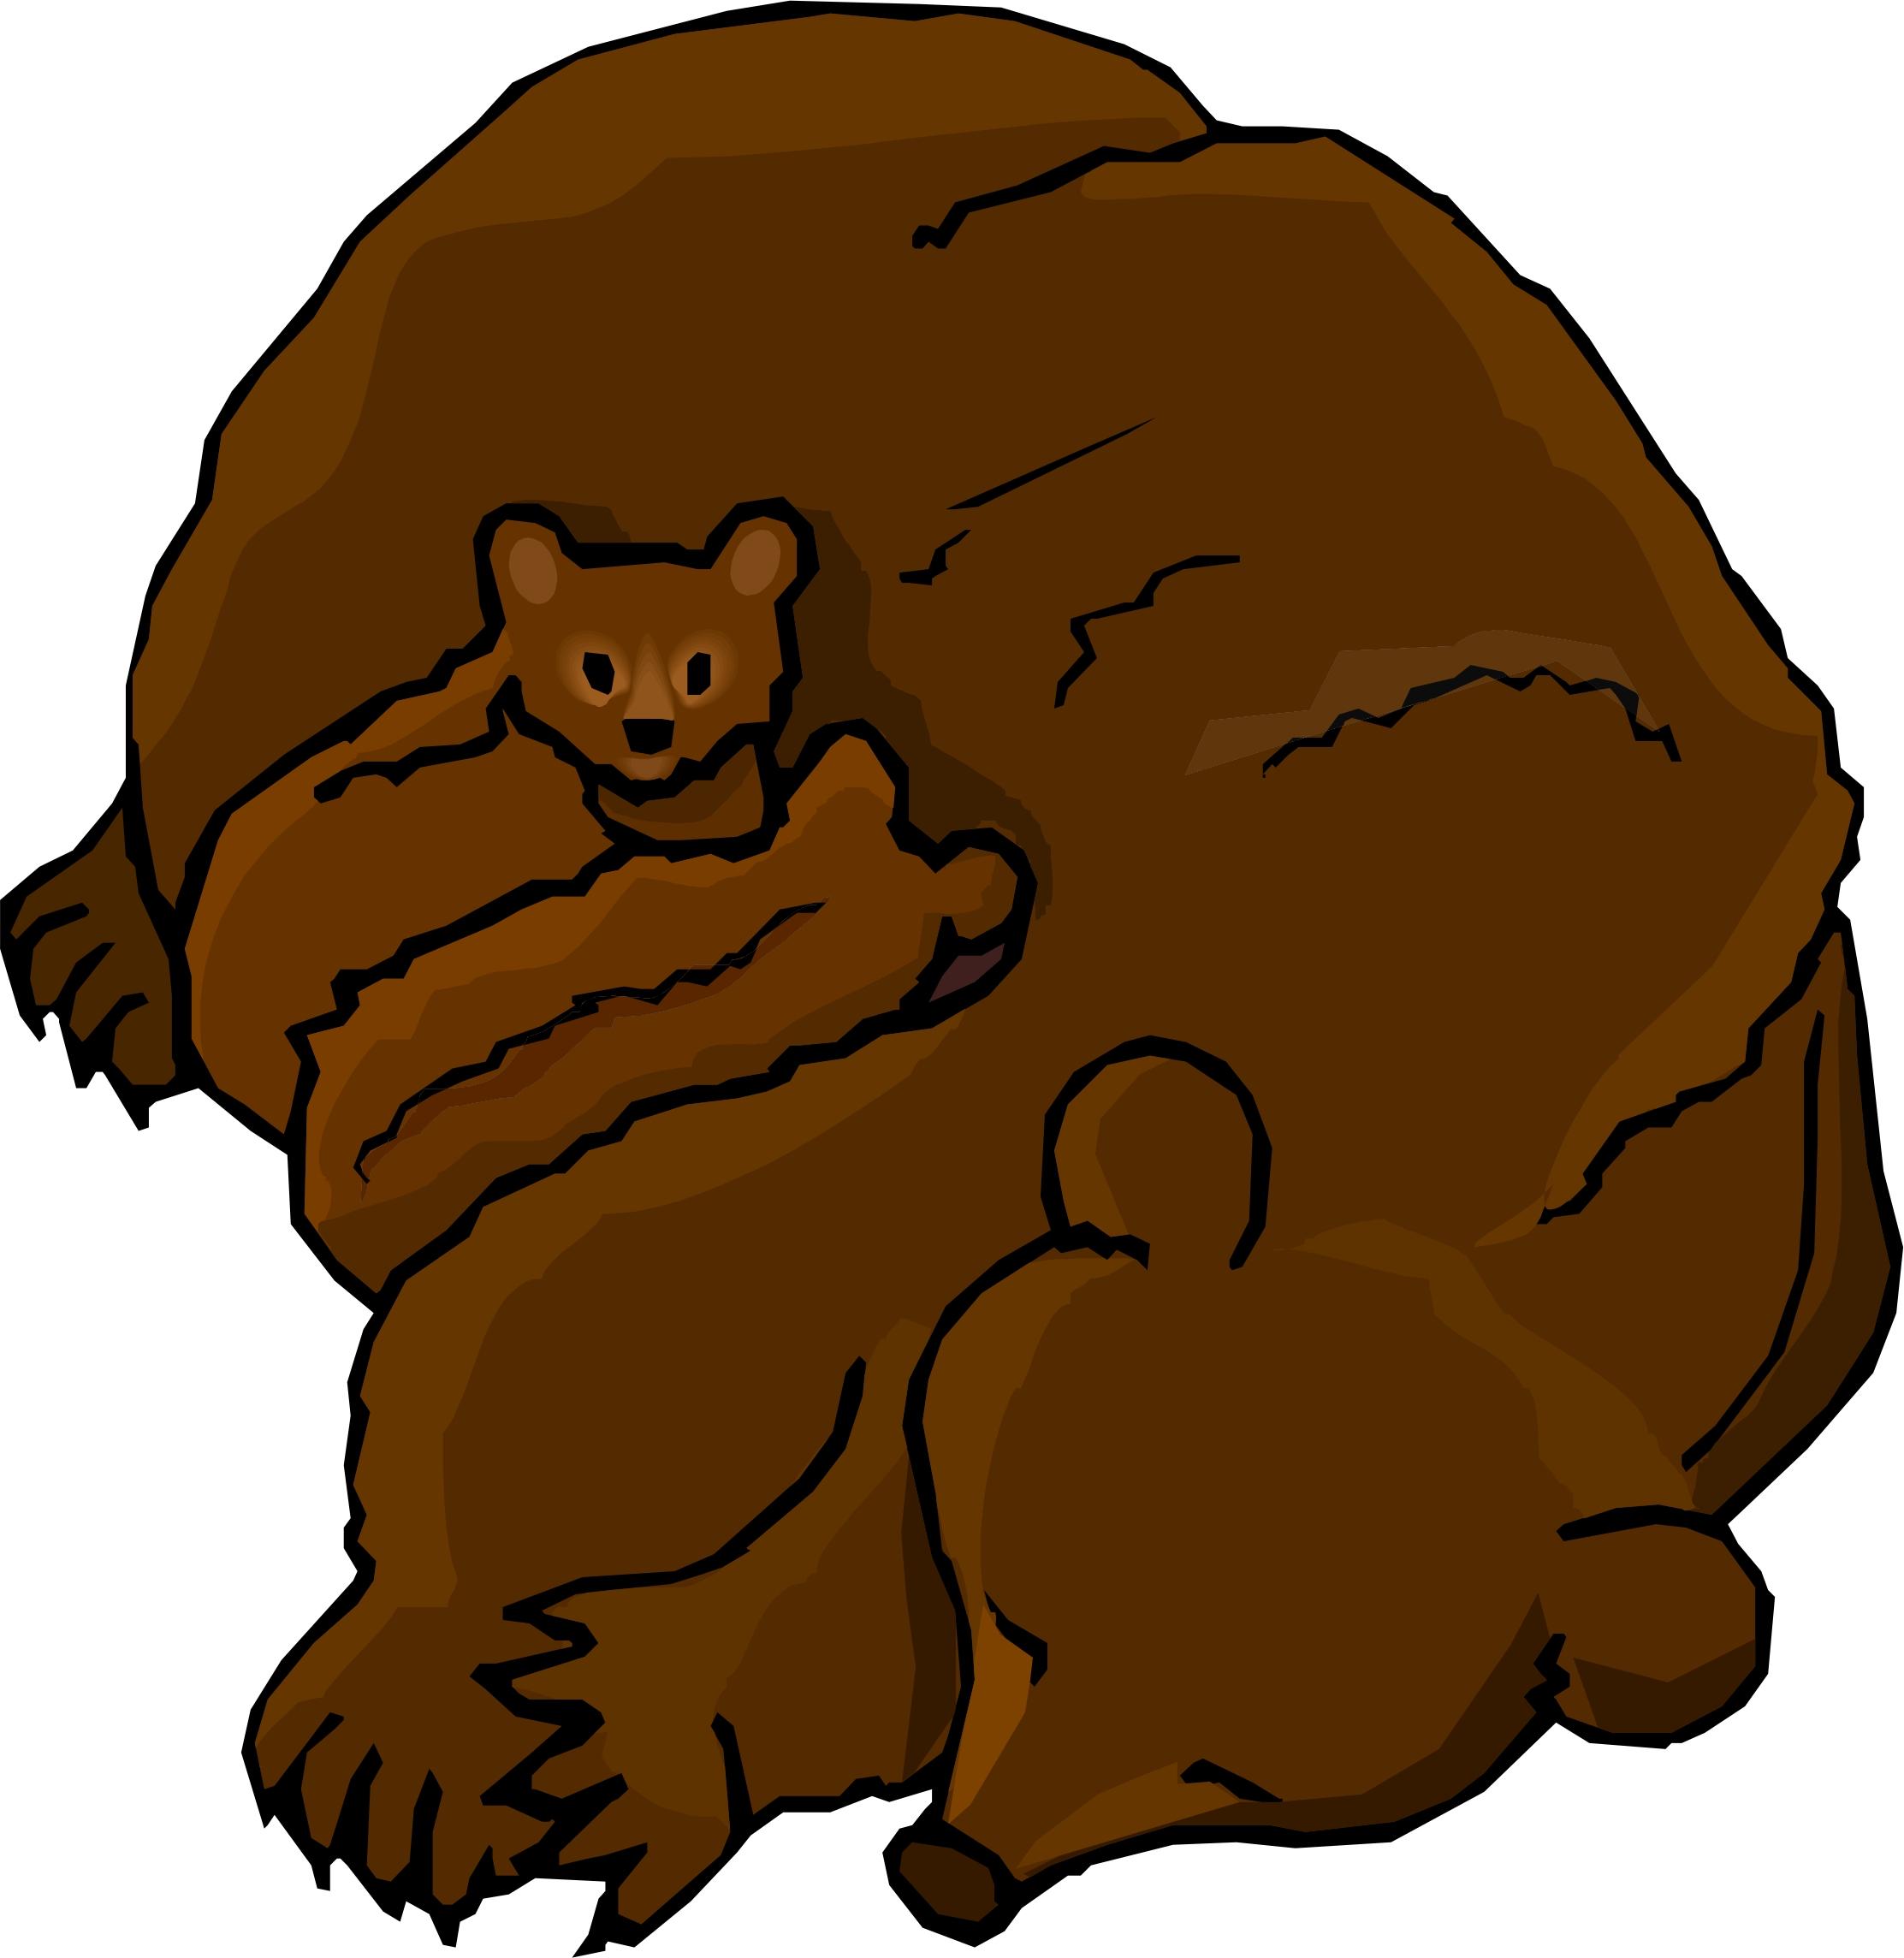 brown bear brown bear clipart at getdrawings com free for personal rh getdrawings com brown bear clip art images brown bear clipart free